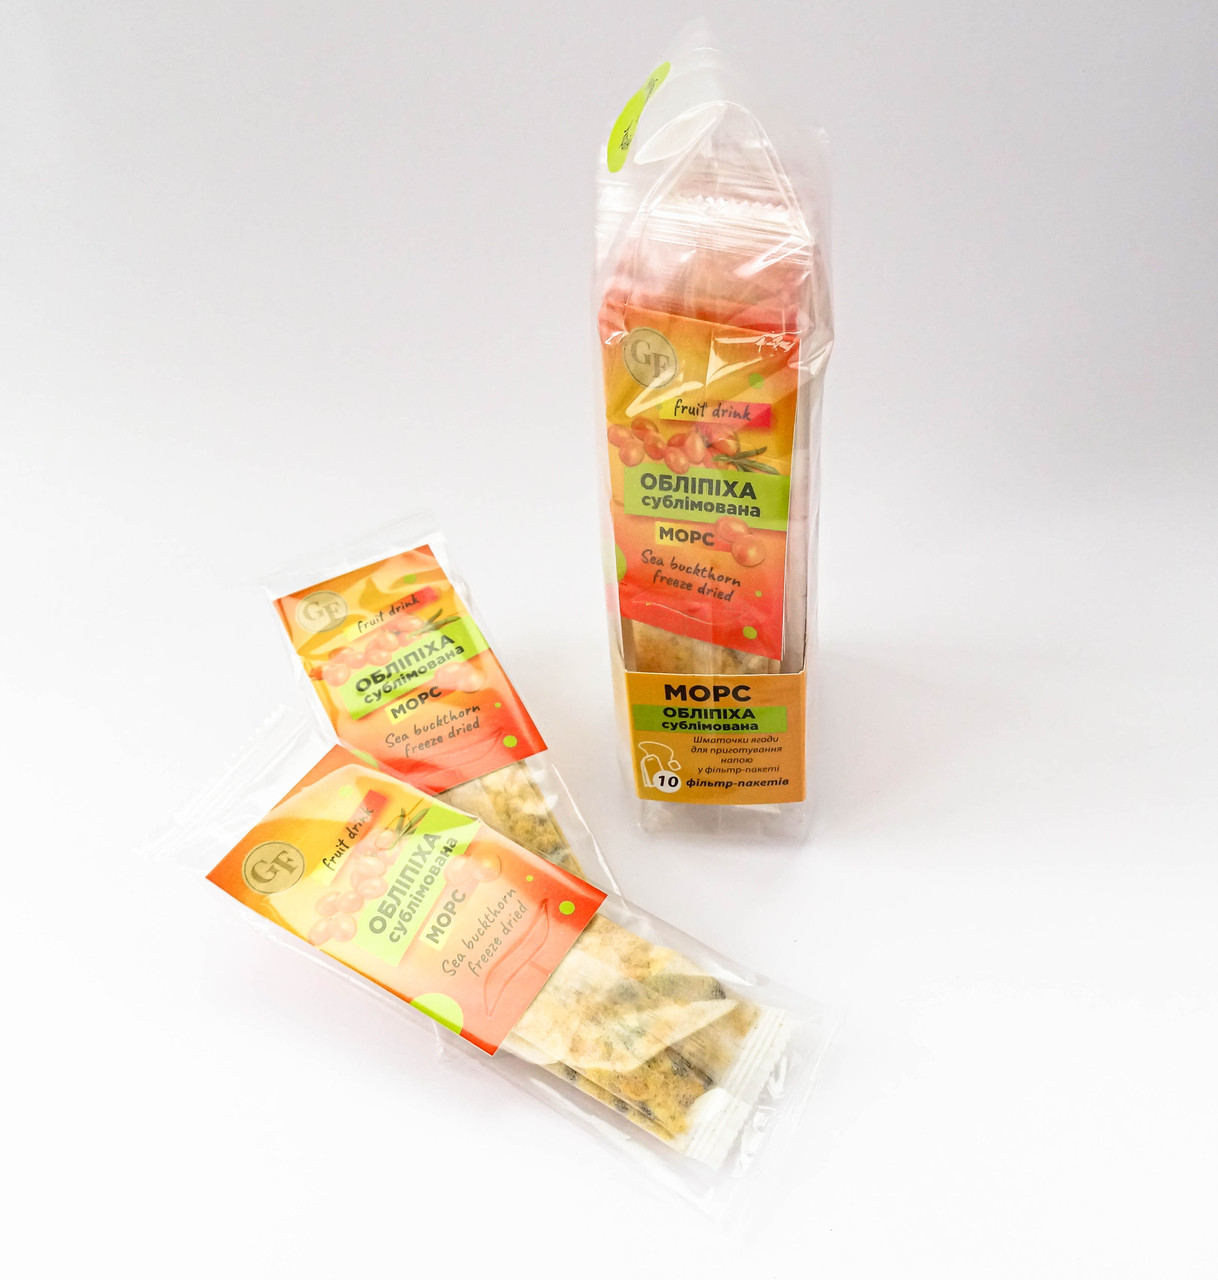 Облепиховый морс (сублимированная облепиха) напиток, чай из натуральной ягоды по 10 фильтр-пакетов в упаковке